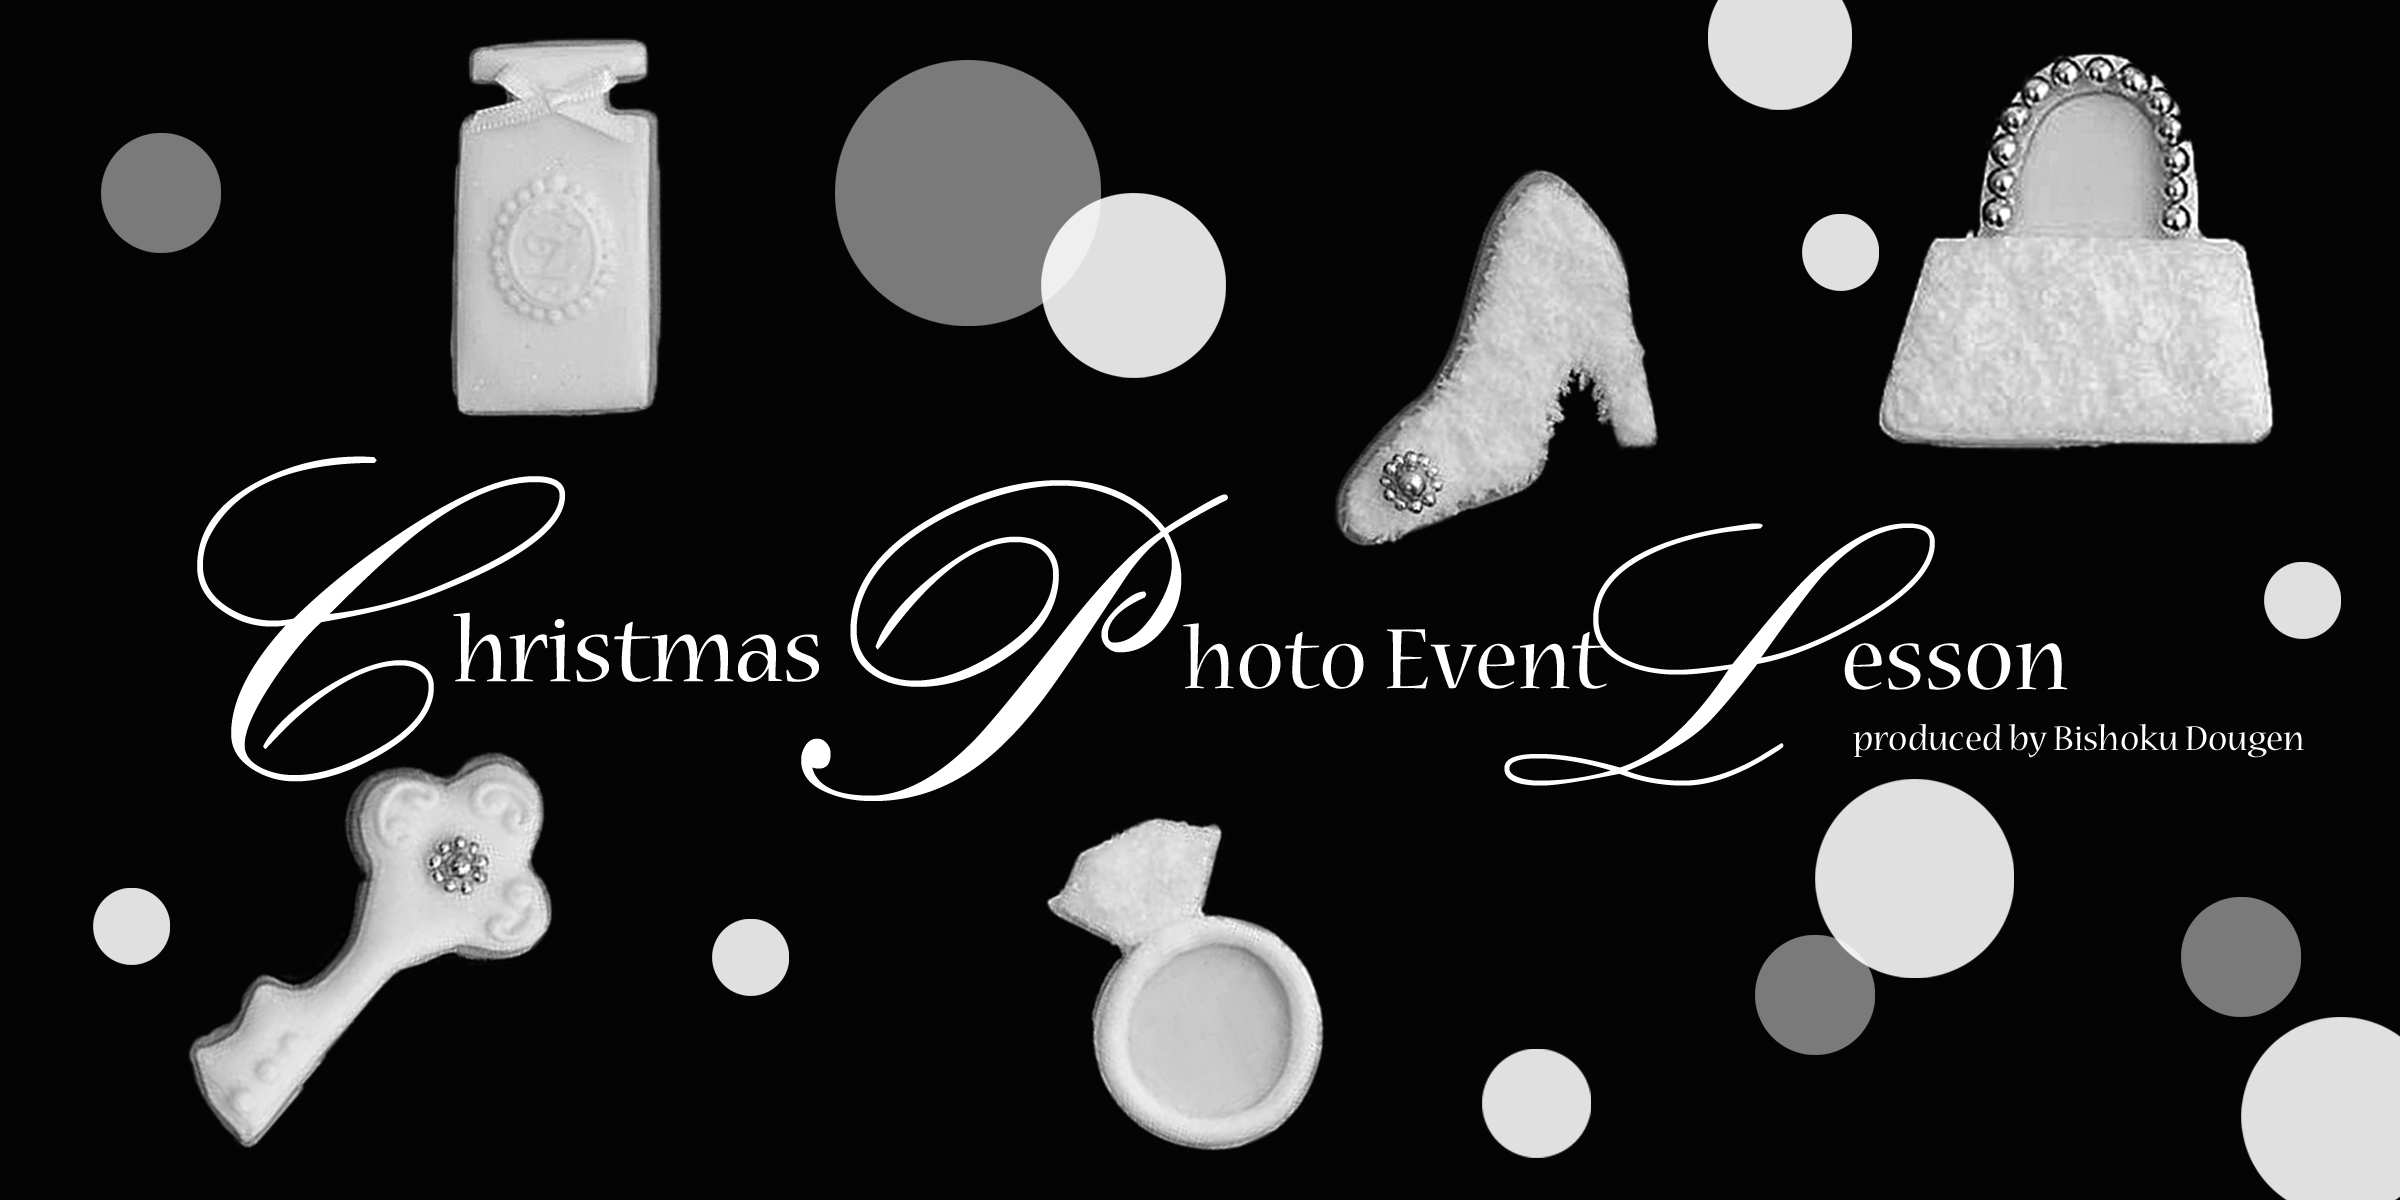 【満席御礼】2014 Christmas Photo Event Lesson